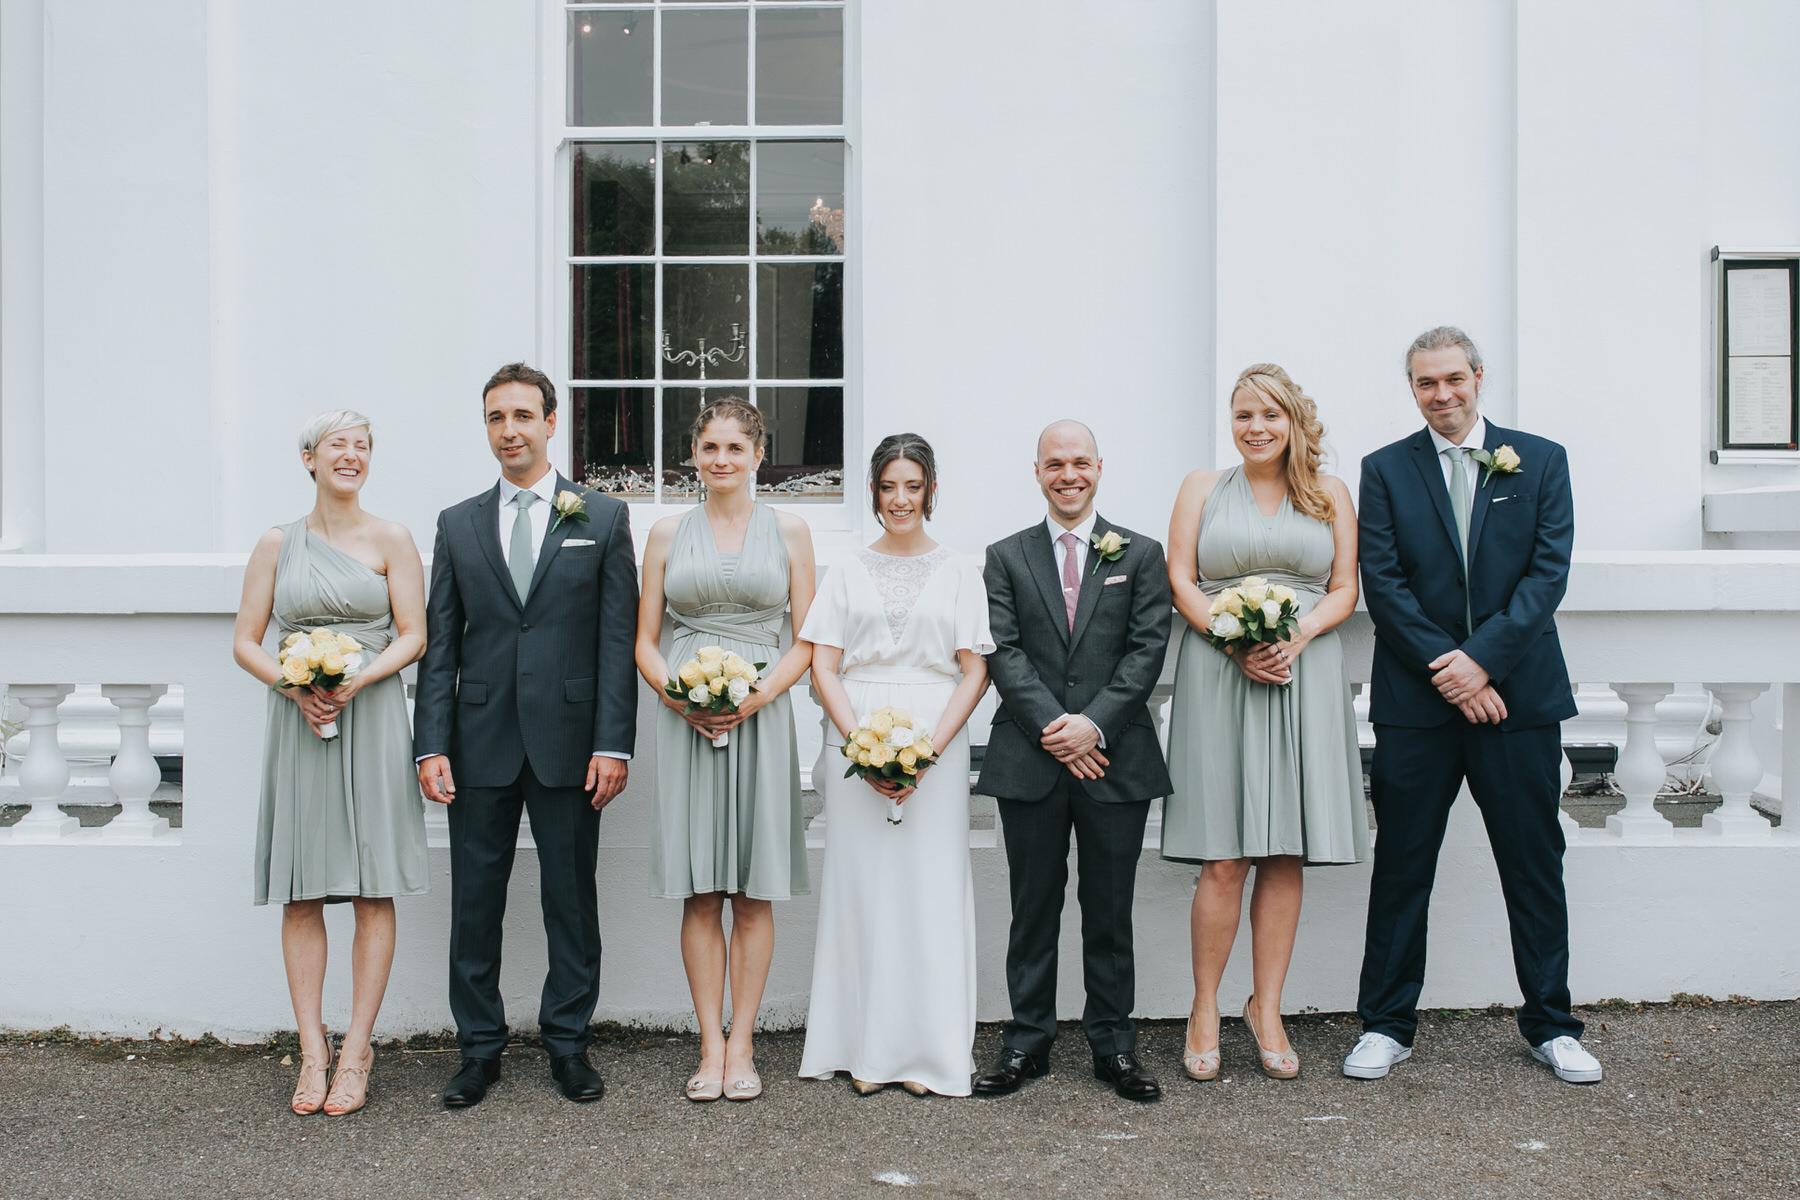 221 bride groom bestmen bridesmaids formal Belair House wedding.jpg